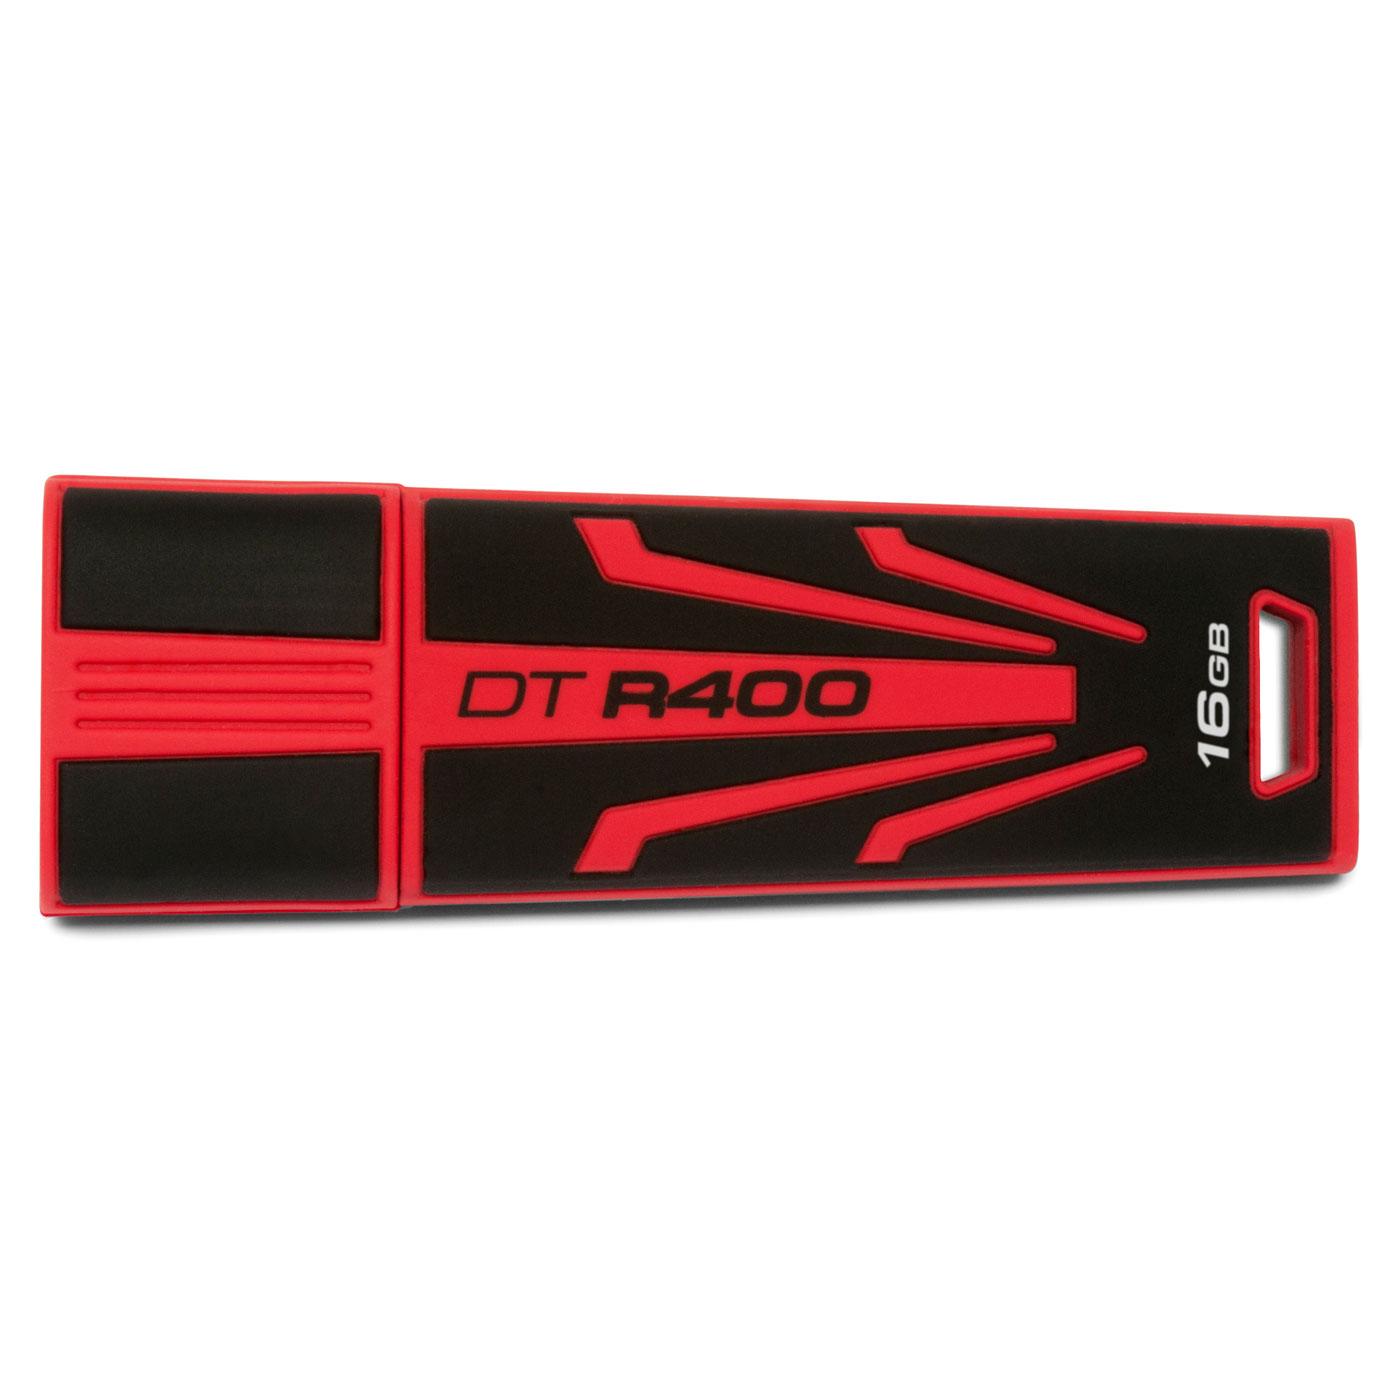 Clé USB Kingston DataTraveler R400 16 Go Clé USB 2.0 16 Go (garantie constructeur 5 ans)